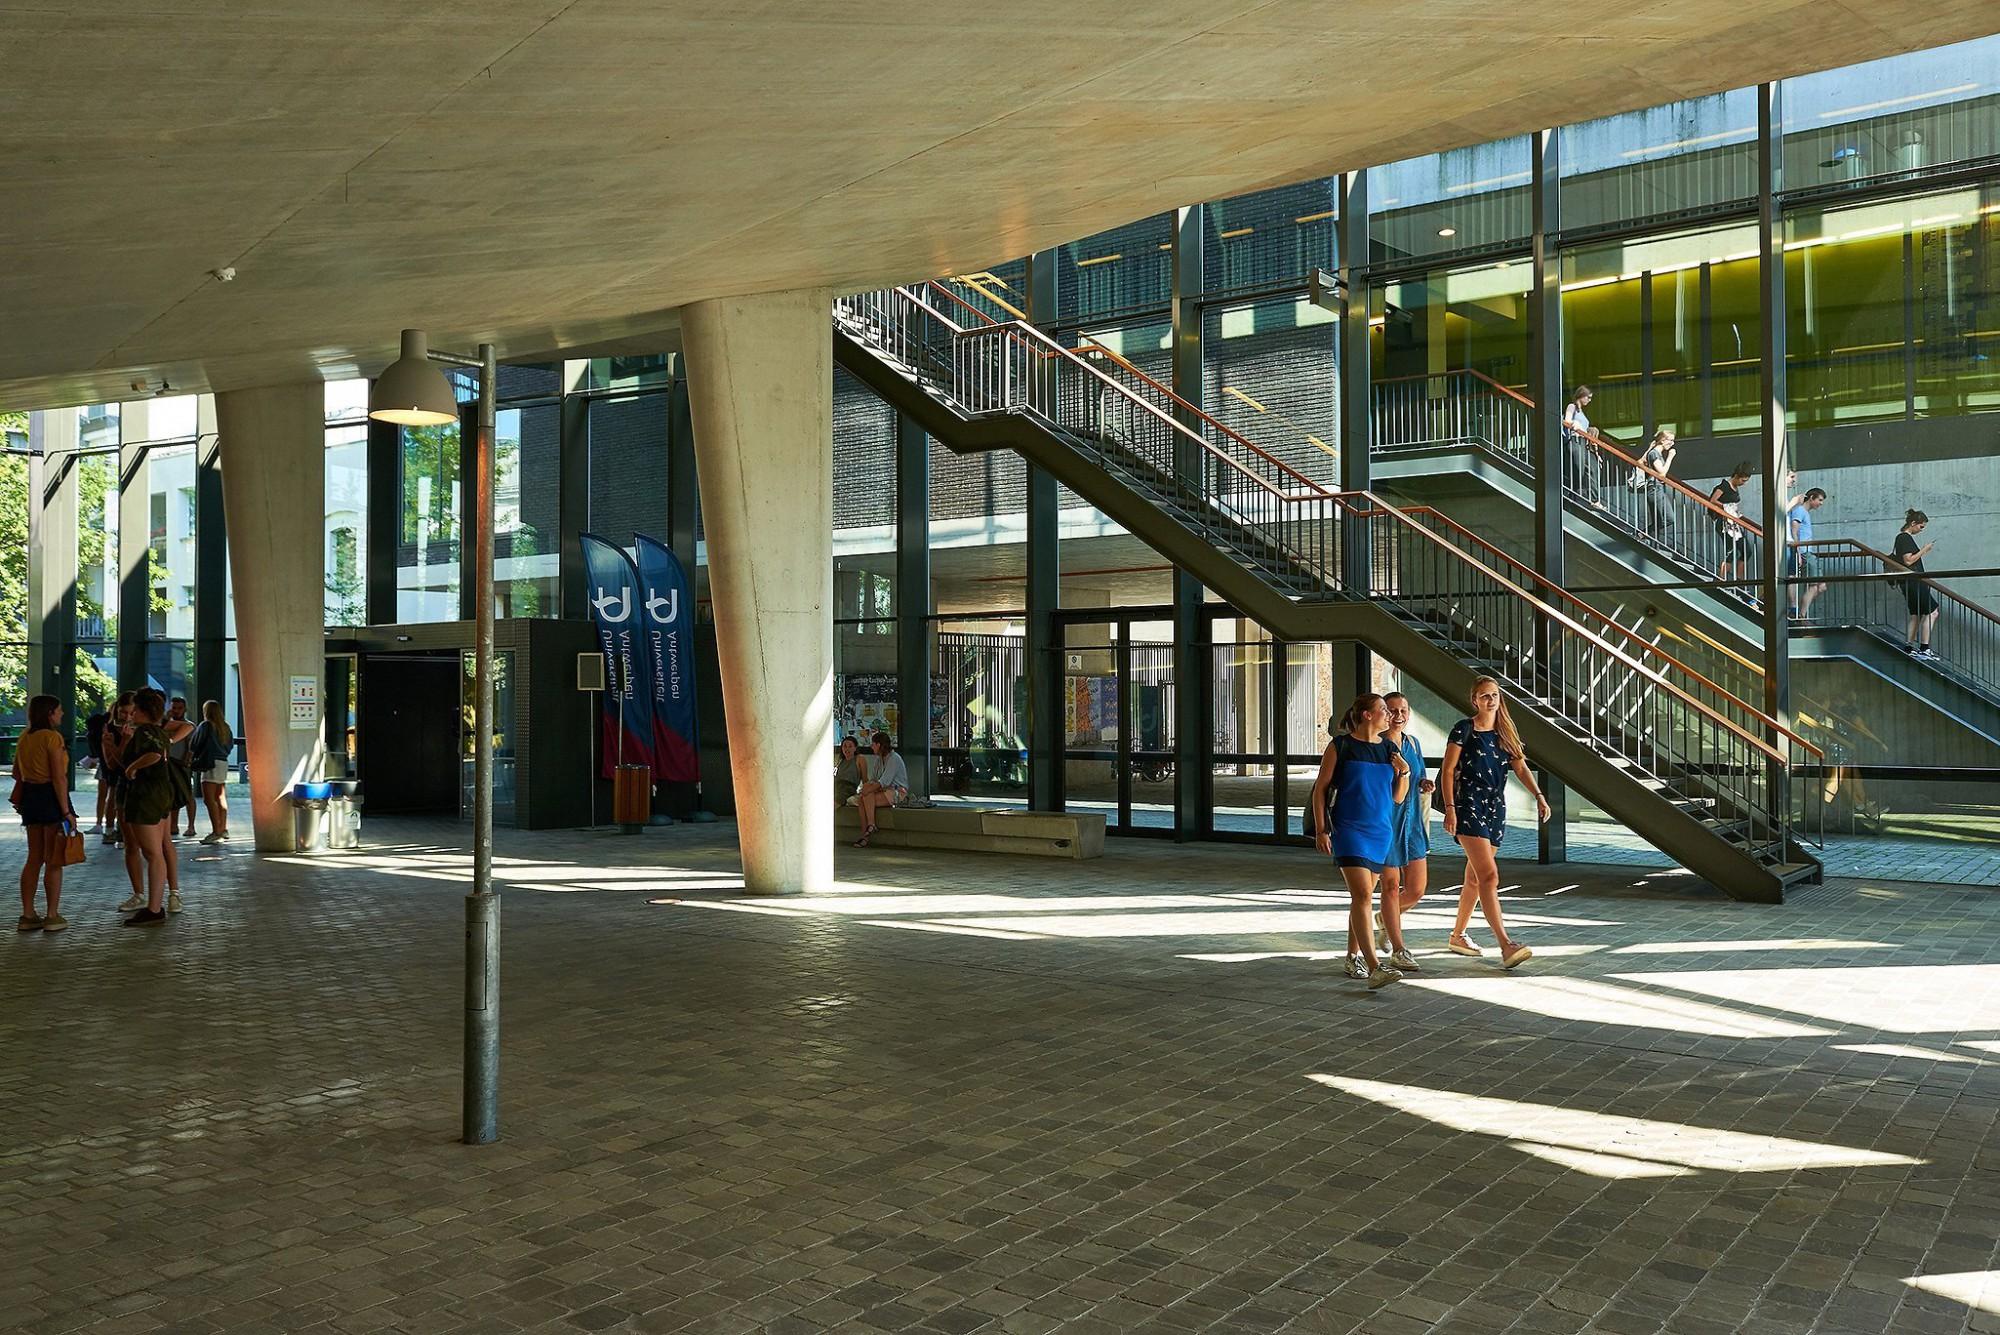 Afbeelding: Infrastructuurwerken universiteit Antwerpen, door DCA.